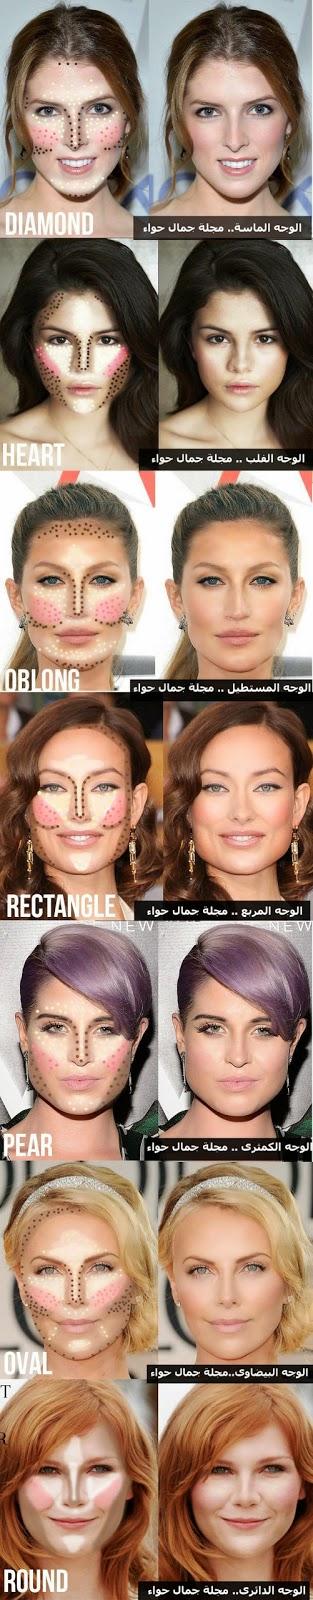 بالصور: كيف تطبقين الهايلايتر والكونتر  بمكياجك حسب شكل وجهك